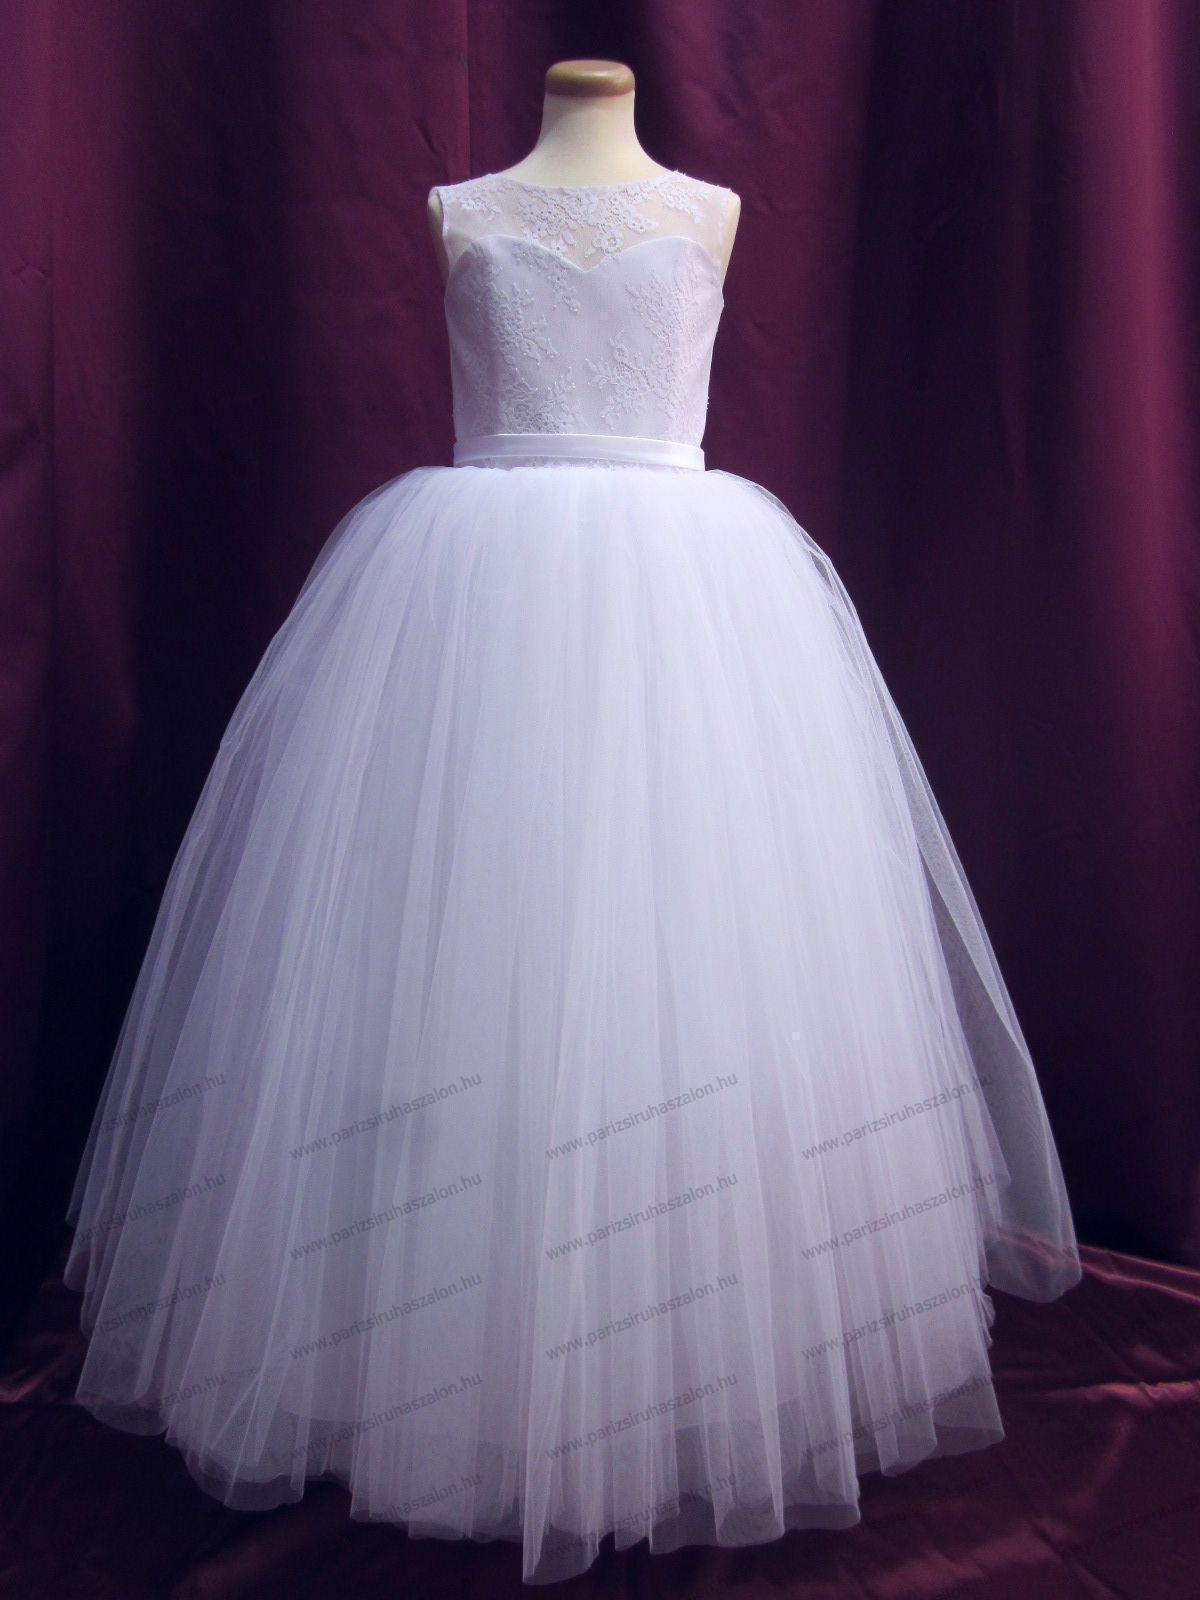 82e3ef7bff8 146-os Tüll ruha 127 | Koszorúslány tüll ruhák fehér és színes. (cikkszám:  127)